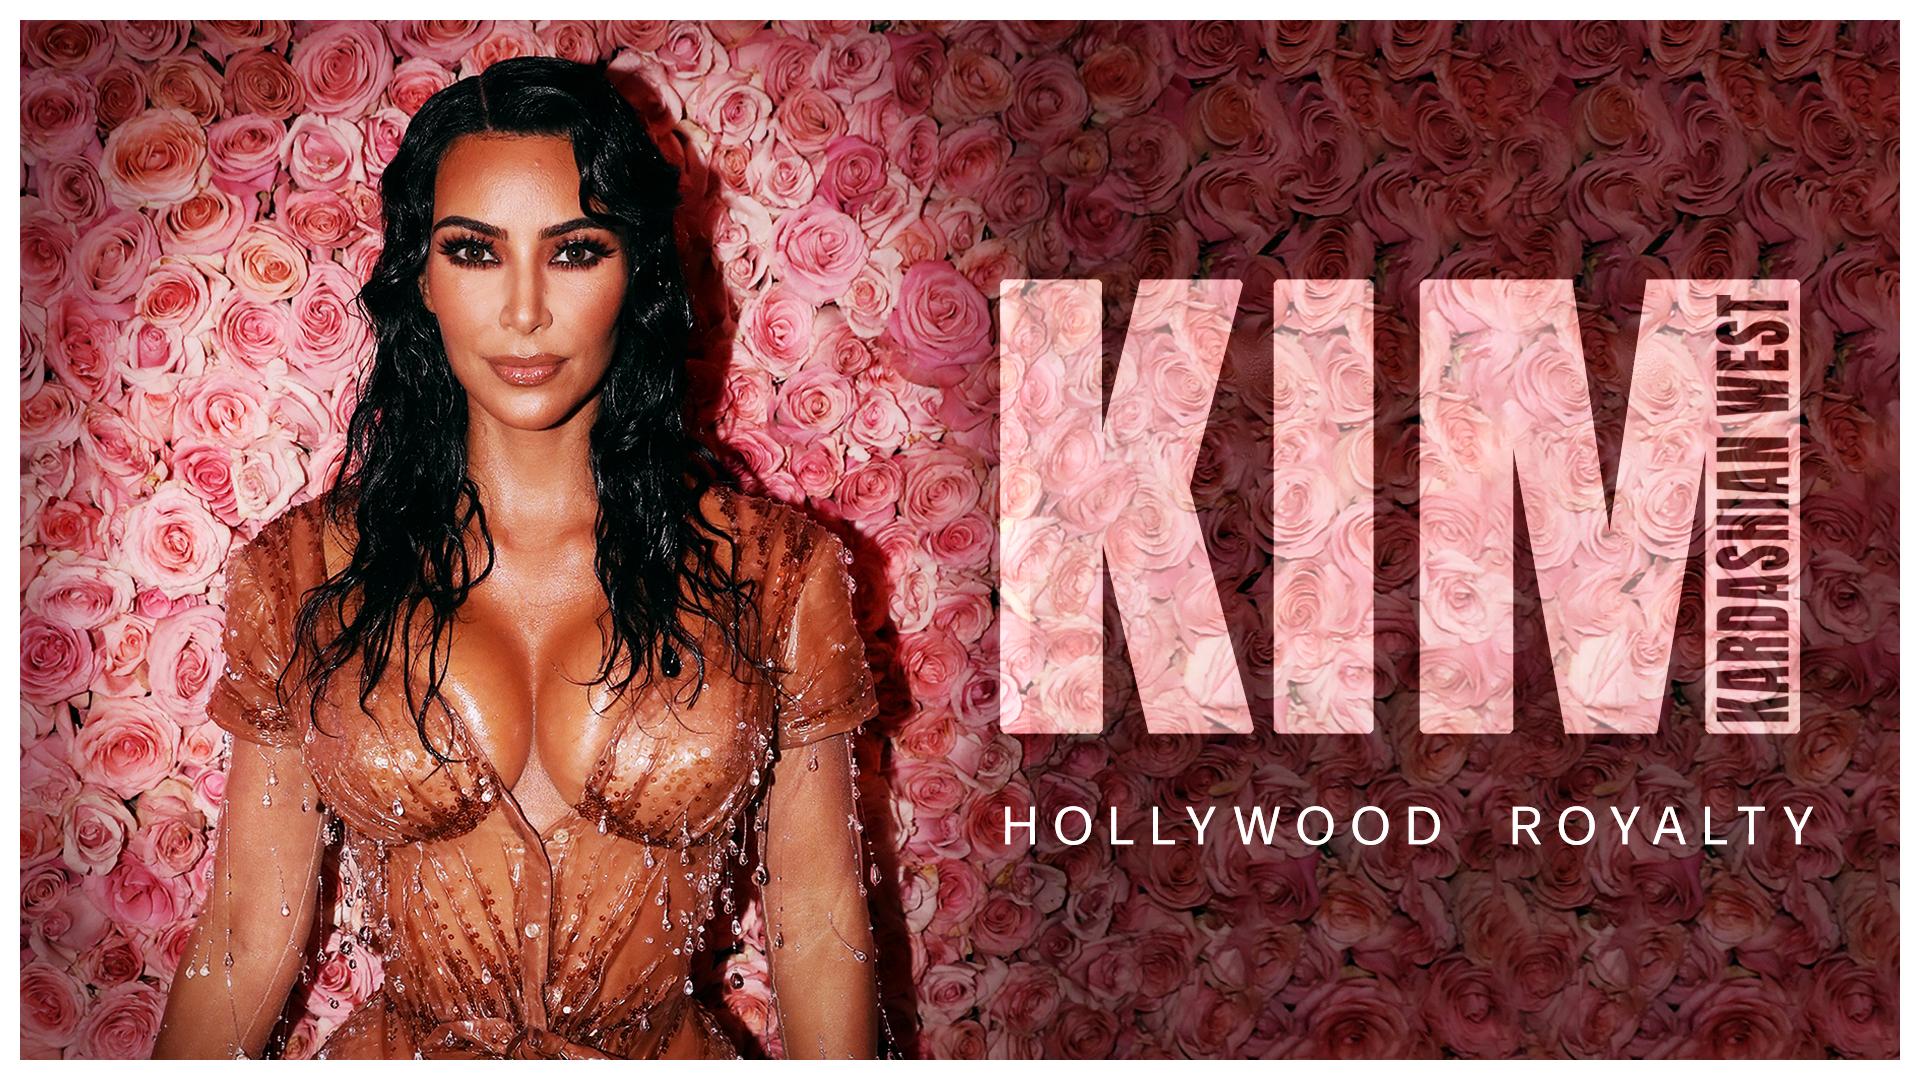 Kim Kardashian West: Hollywood Royalty